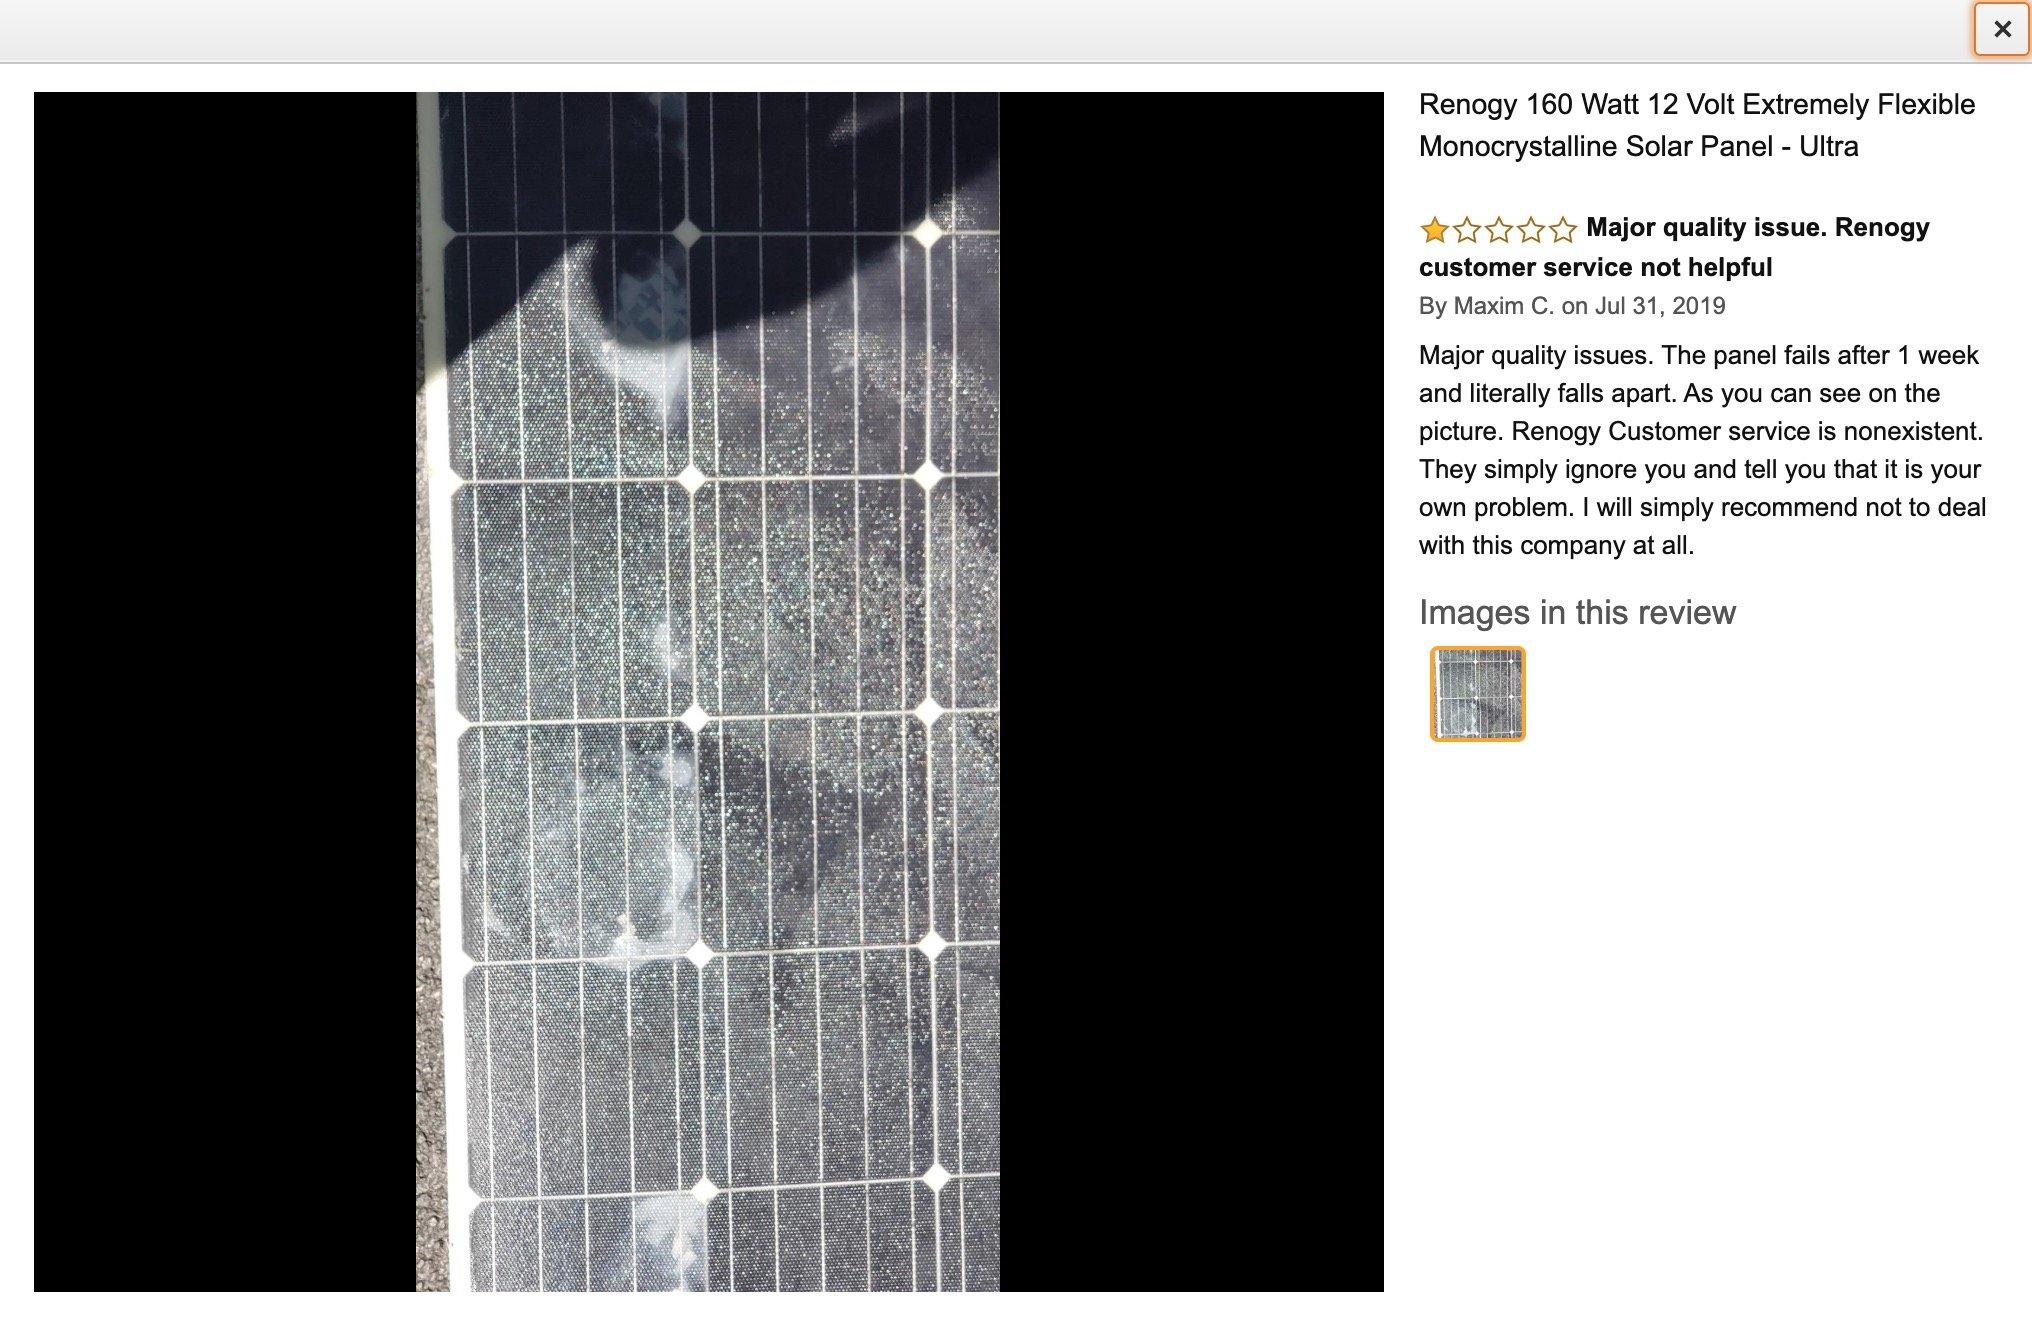 Flexible-solar-panel-degraded